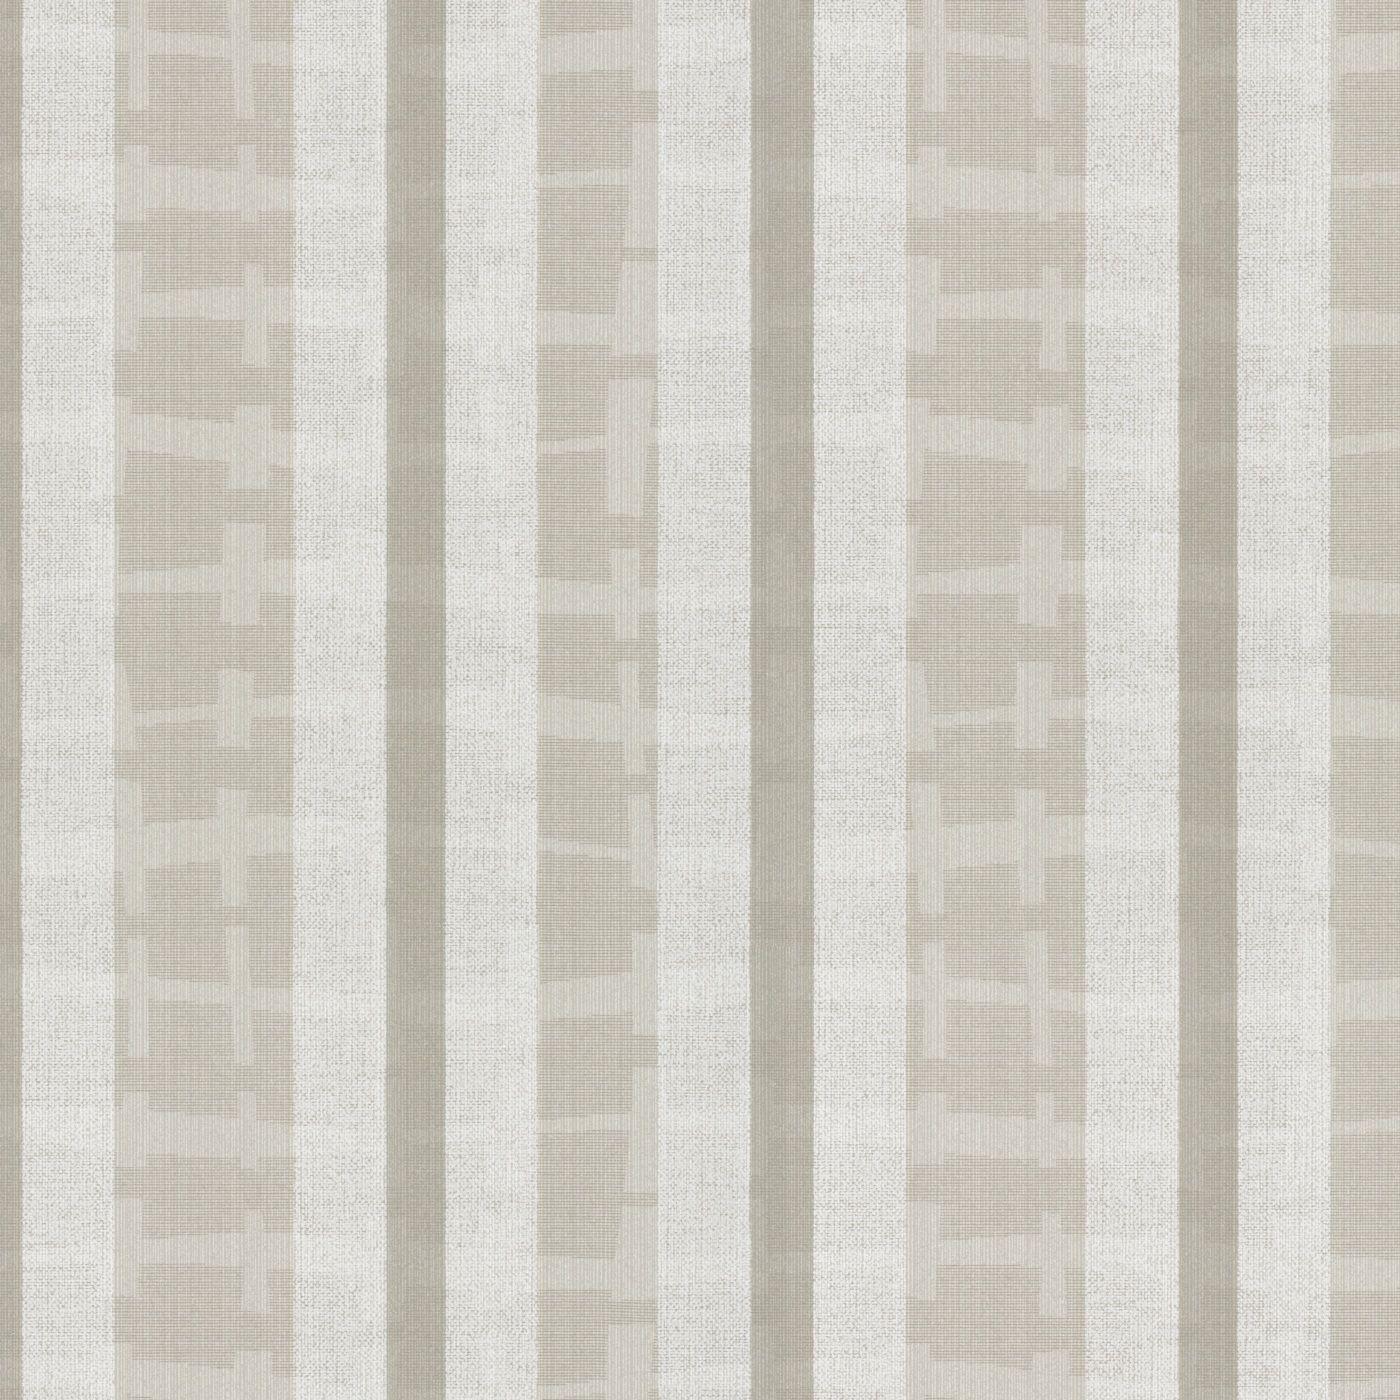 tapete vlies beige streifen design padua marburg 56109 4